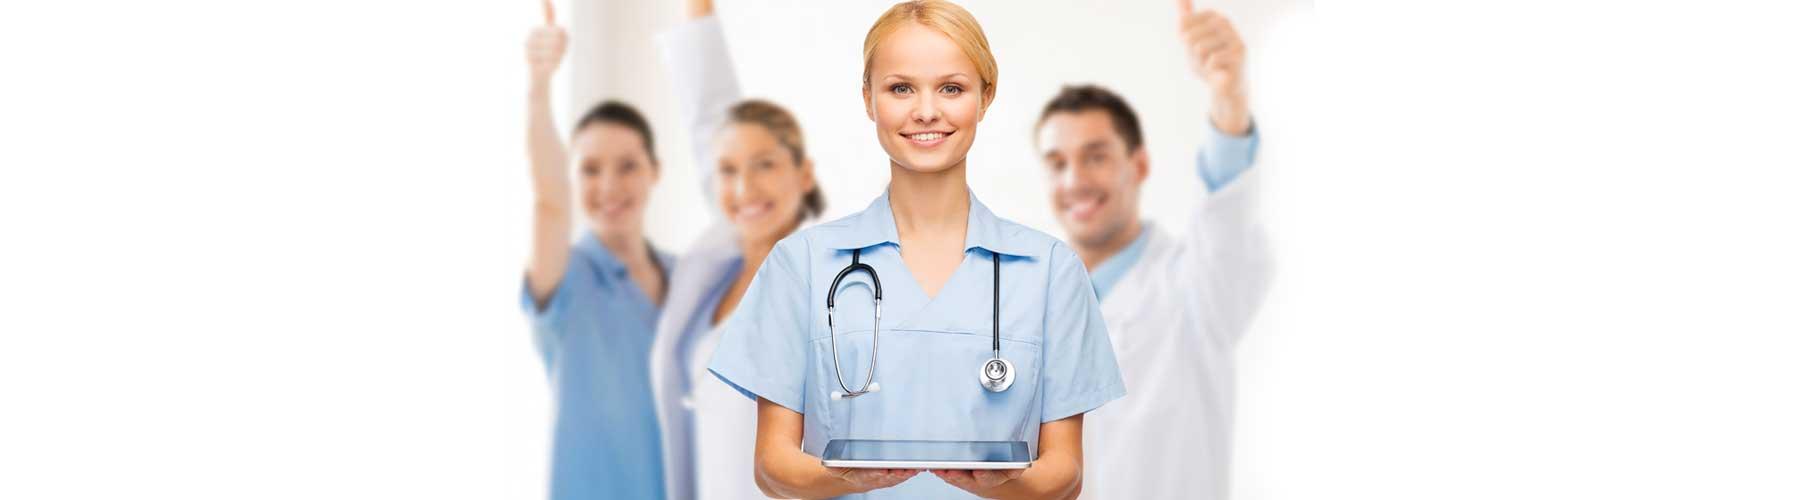 Másters online de enfermería